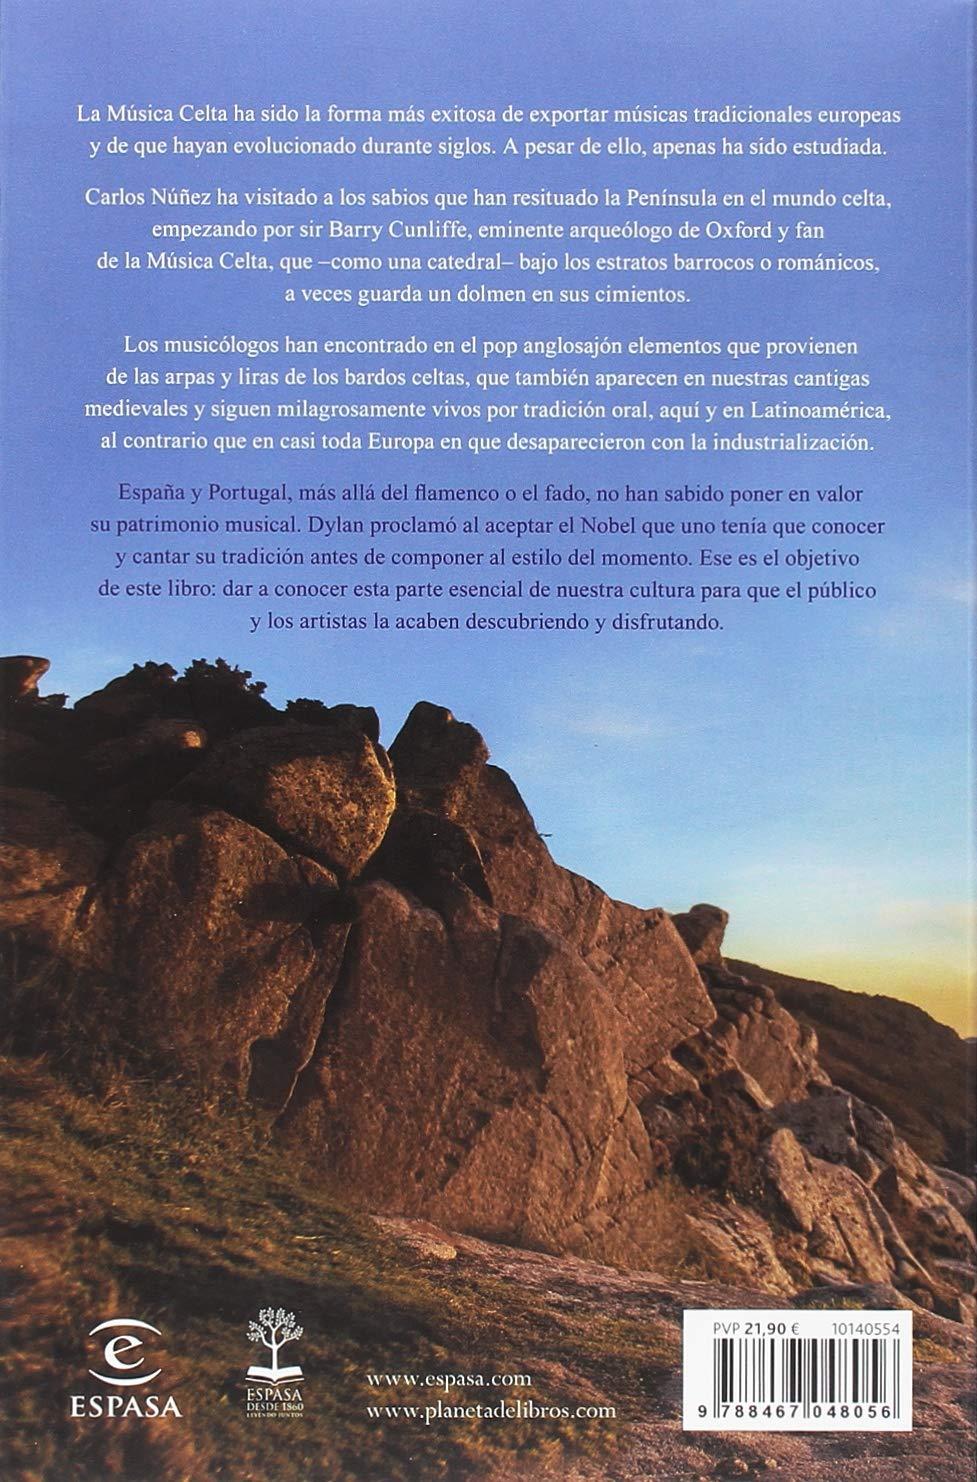 La hermandad de los celtas: Últimas investigaciones y vivencias sobre los celtas y su música por uno de sus protagonistas Fuera de colección: Amazon.es: Núñez, Carlos: Libros